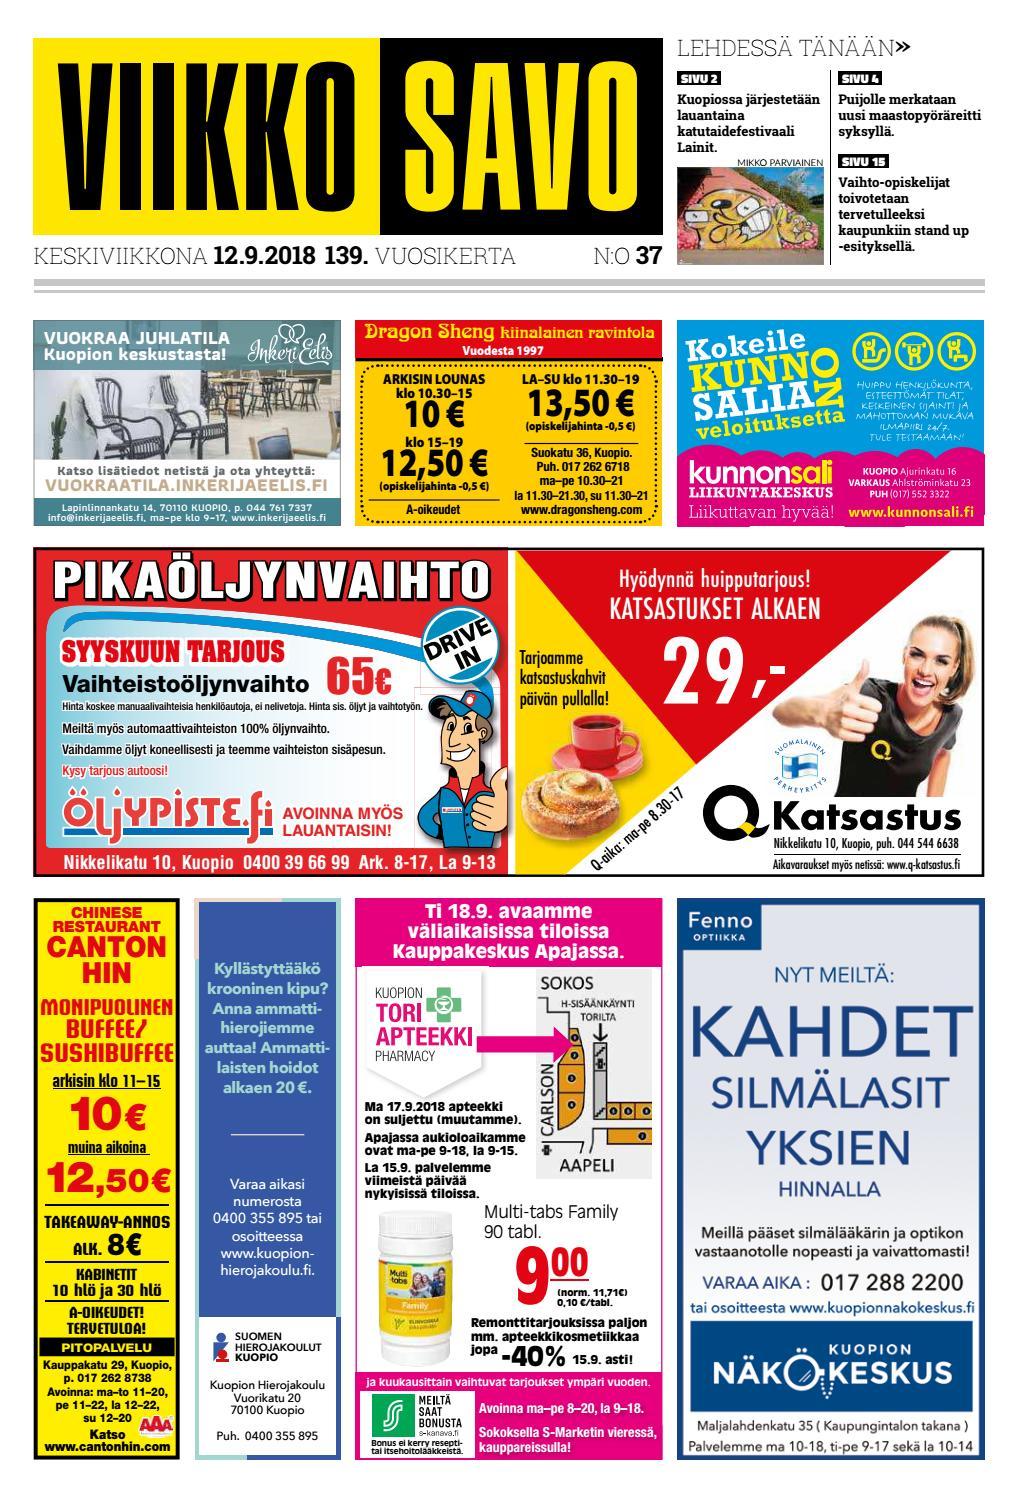 Viikkosavo 12.9.2018 by Viikkosavo - issuu bcd5469dcc